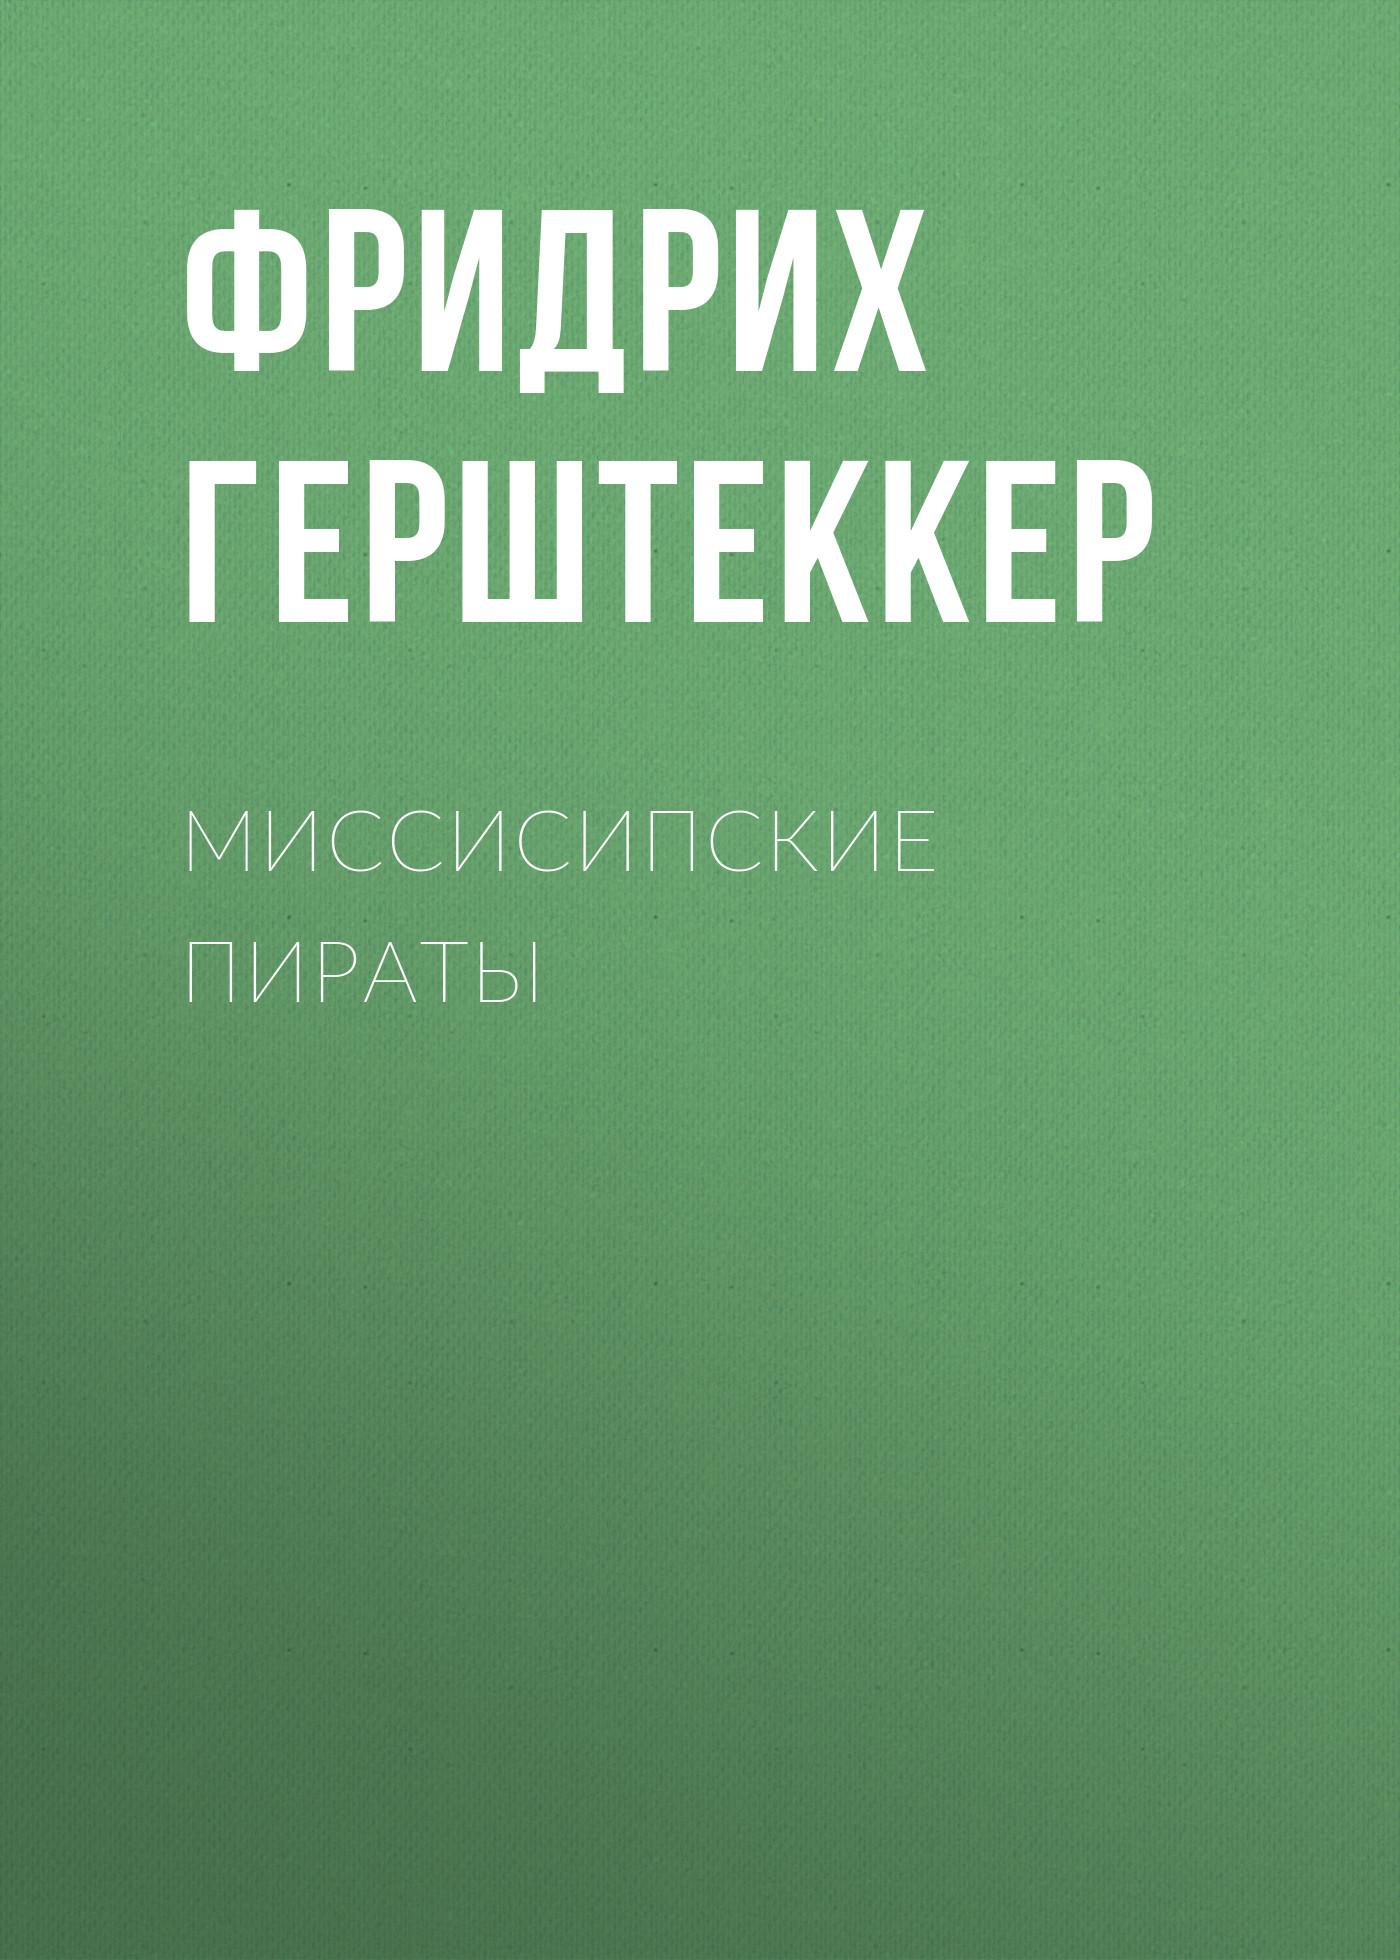 обложка электронной книги Миссисипские пираты